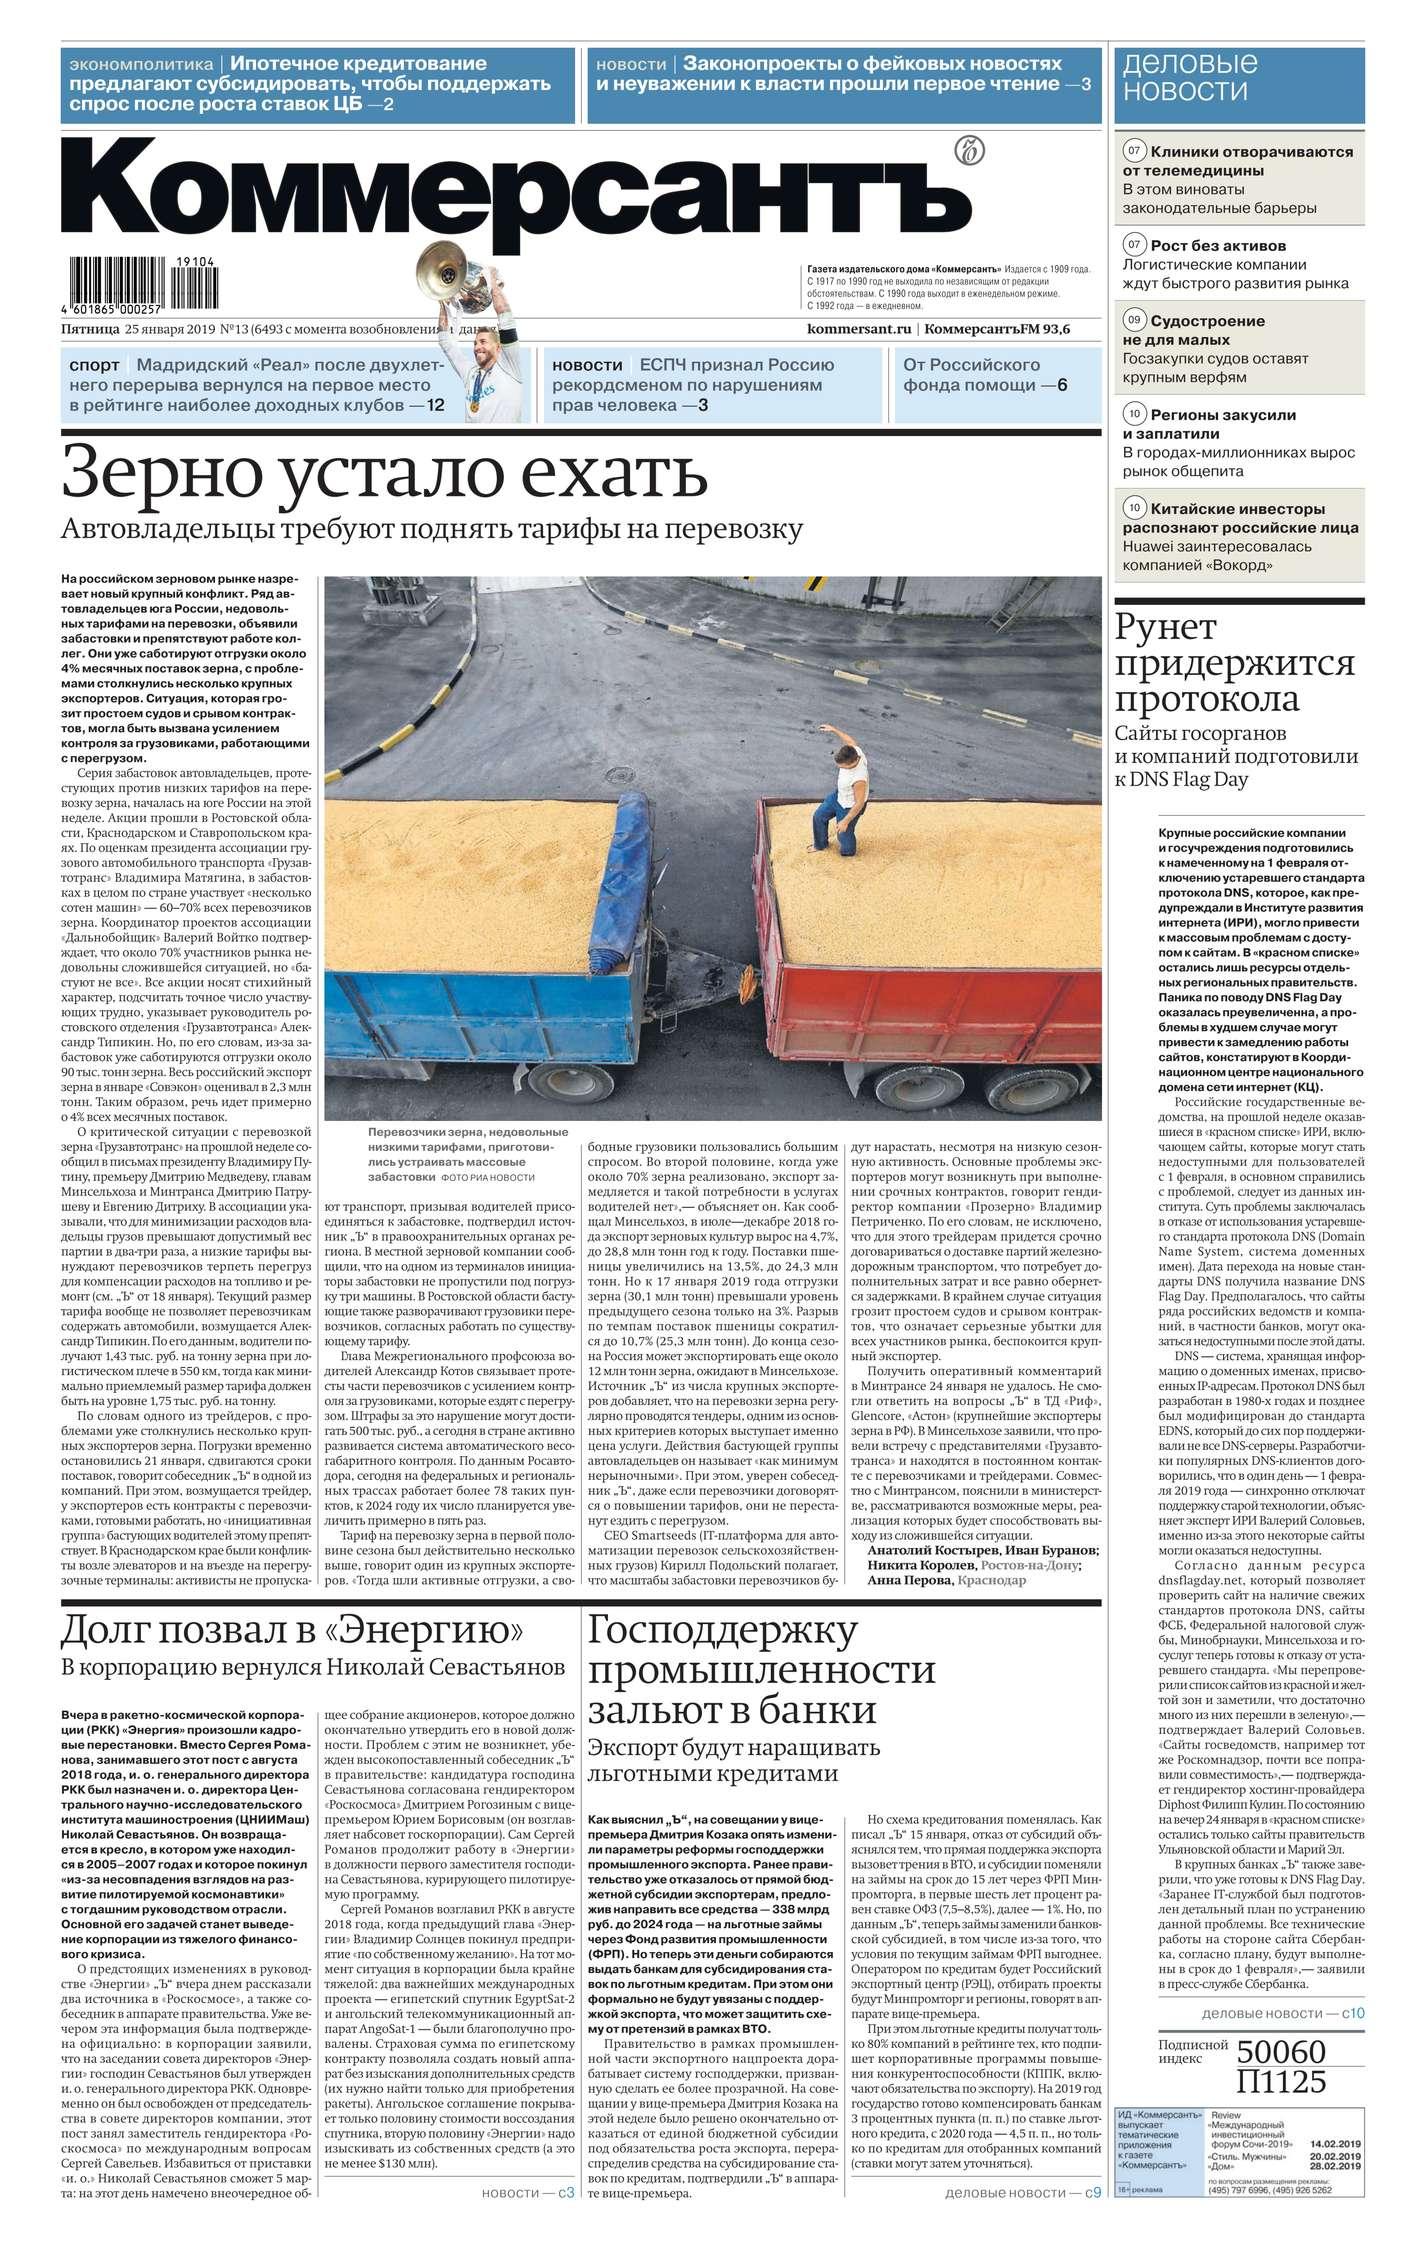 Редакция газеты Коммерсантъ (понедельник-пятница) Коммерсантъ (понедельник-пятница) 13-2019 цена